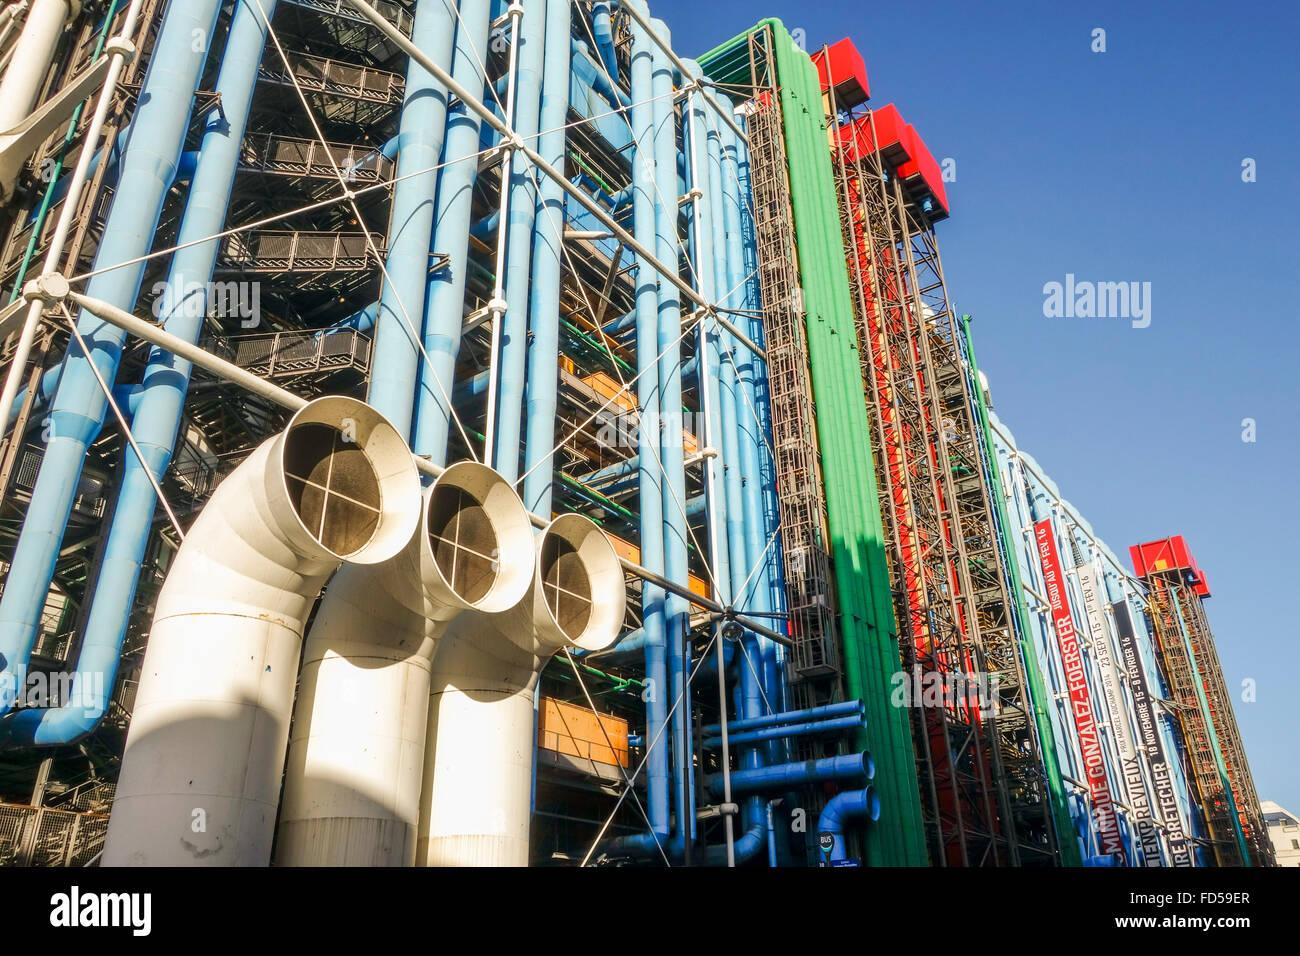 El Centro Georges Pompidou, Beaubourg, el museo de arte moderno de París, Francia. Imagen De Stock